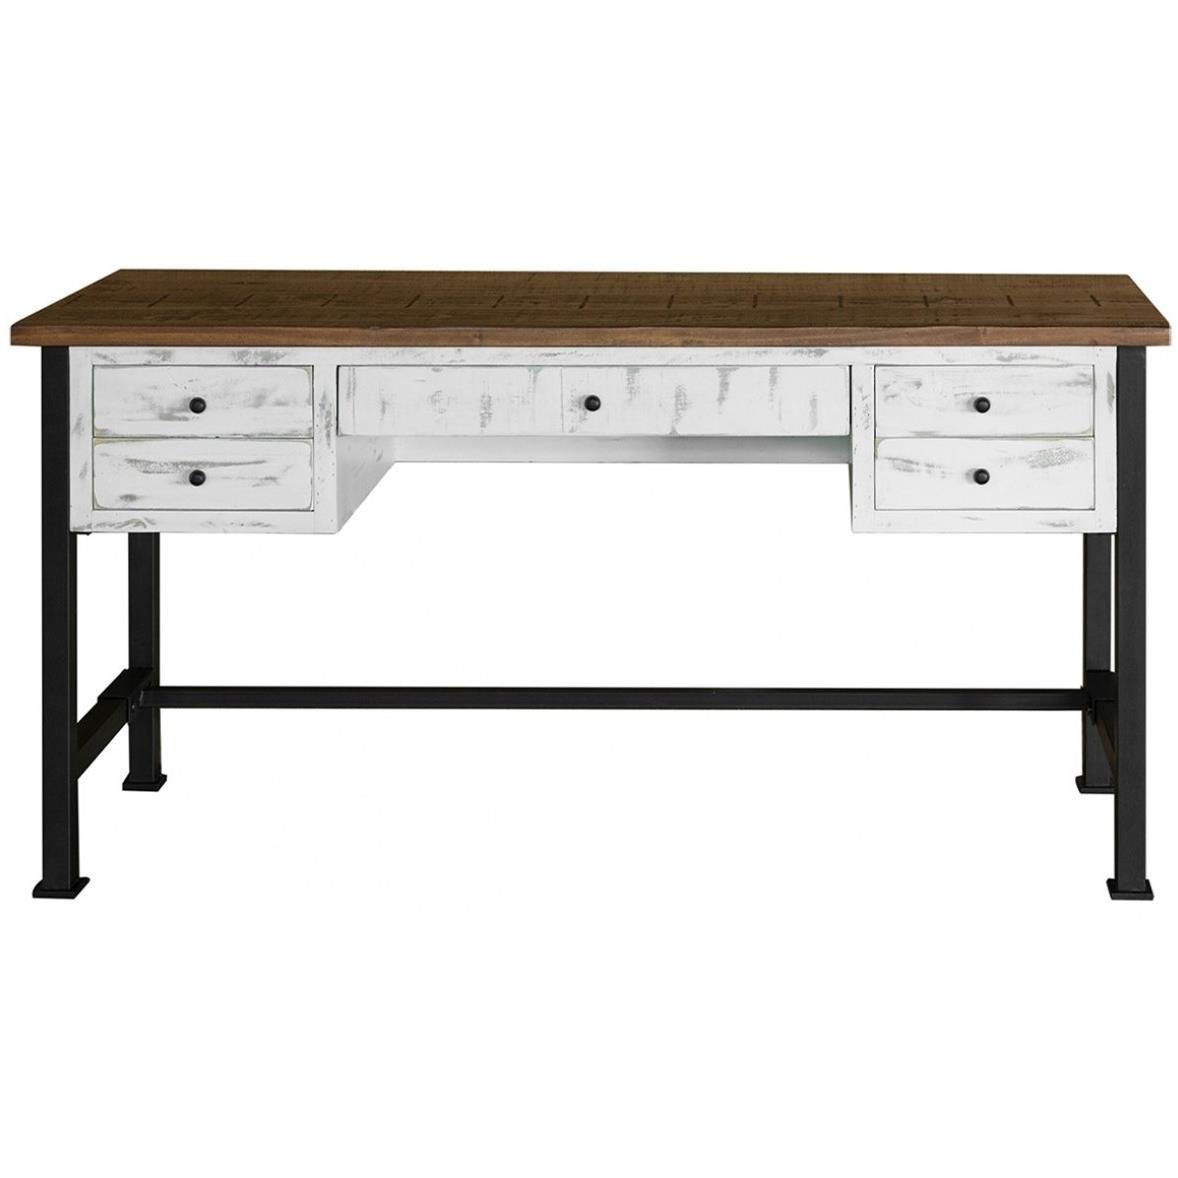 4 Drawer Writing Desk